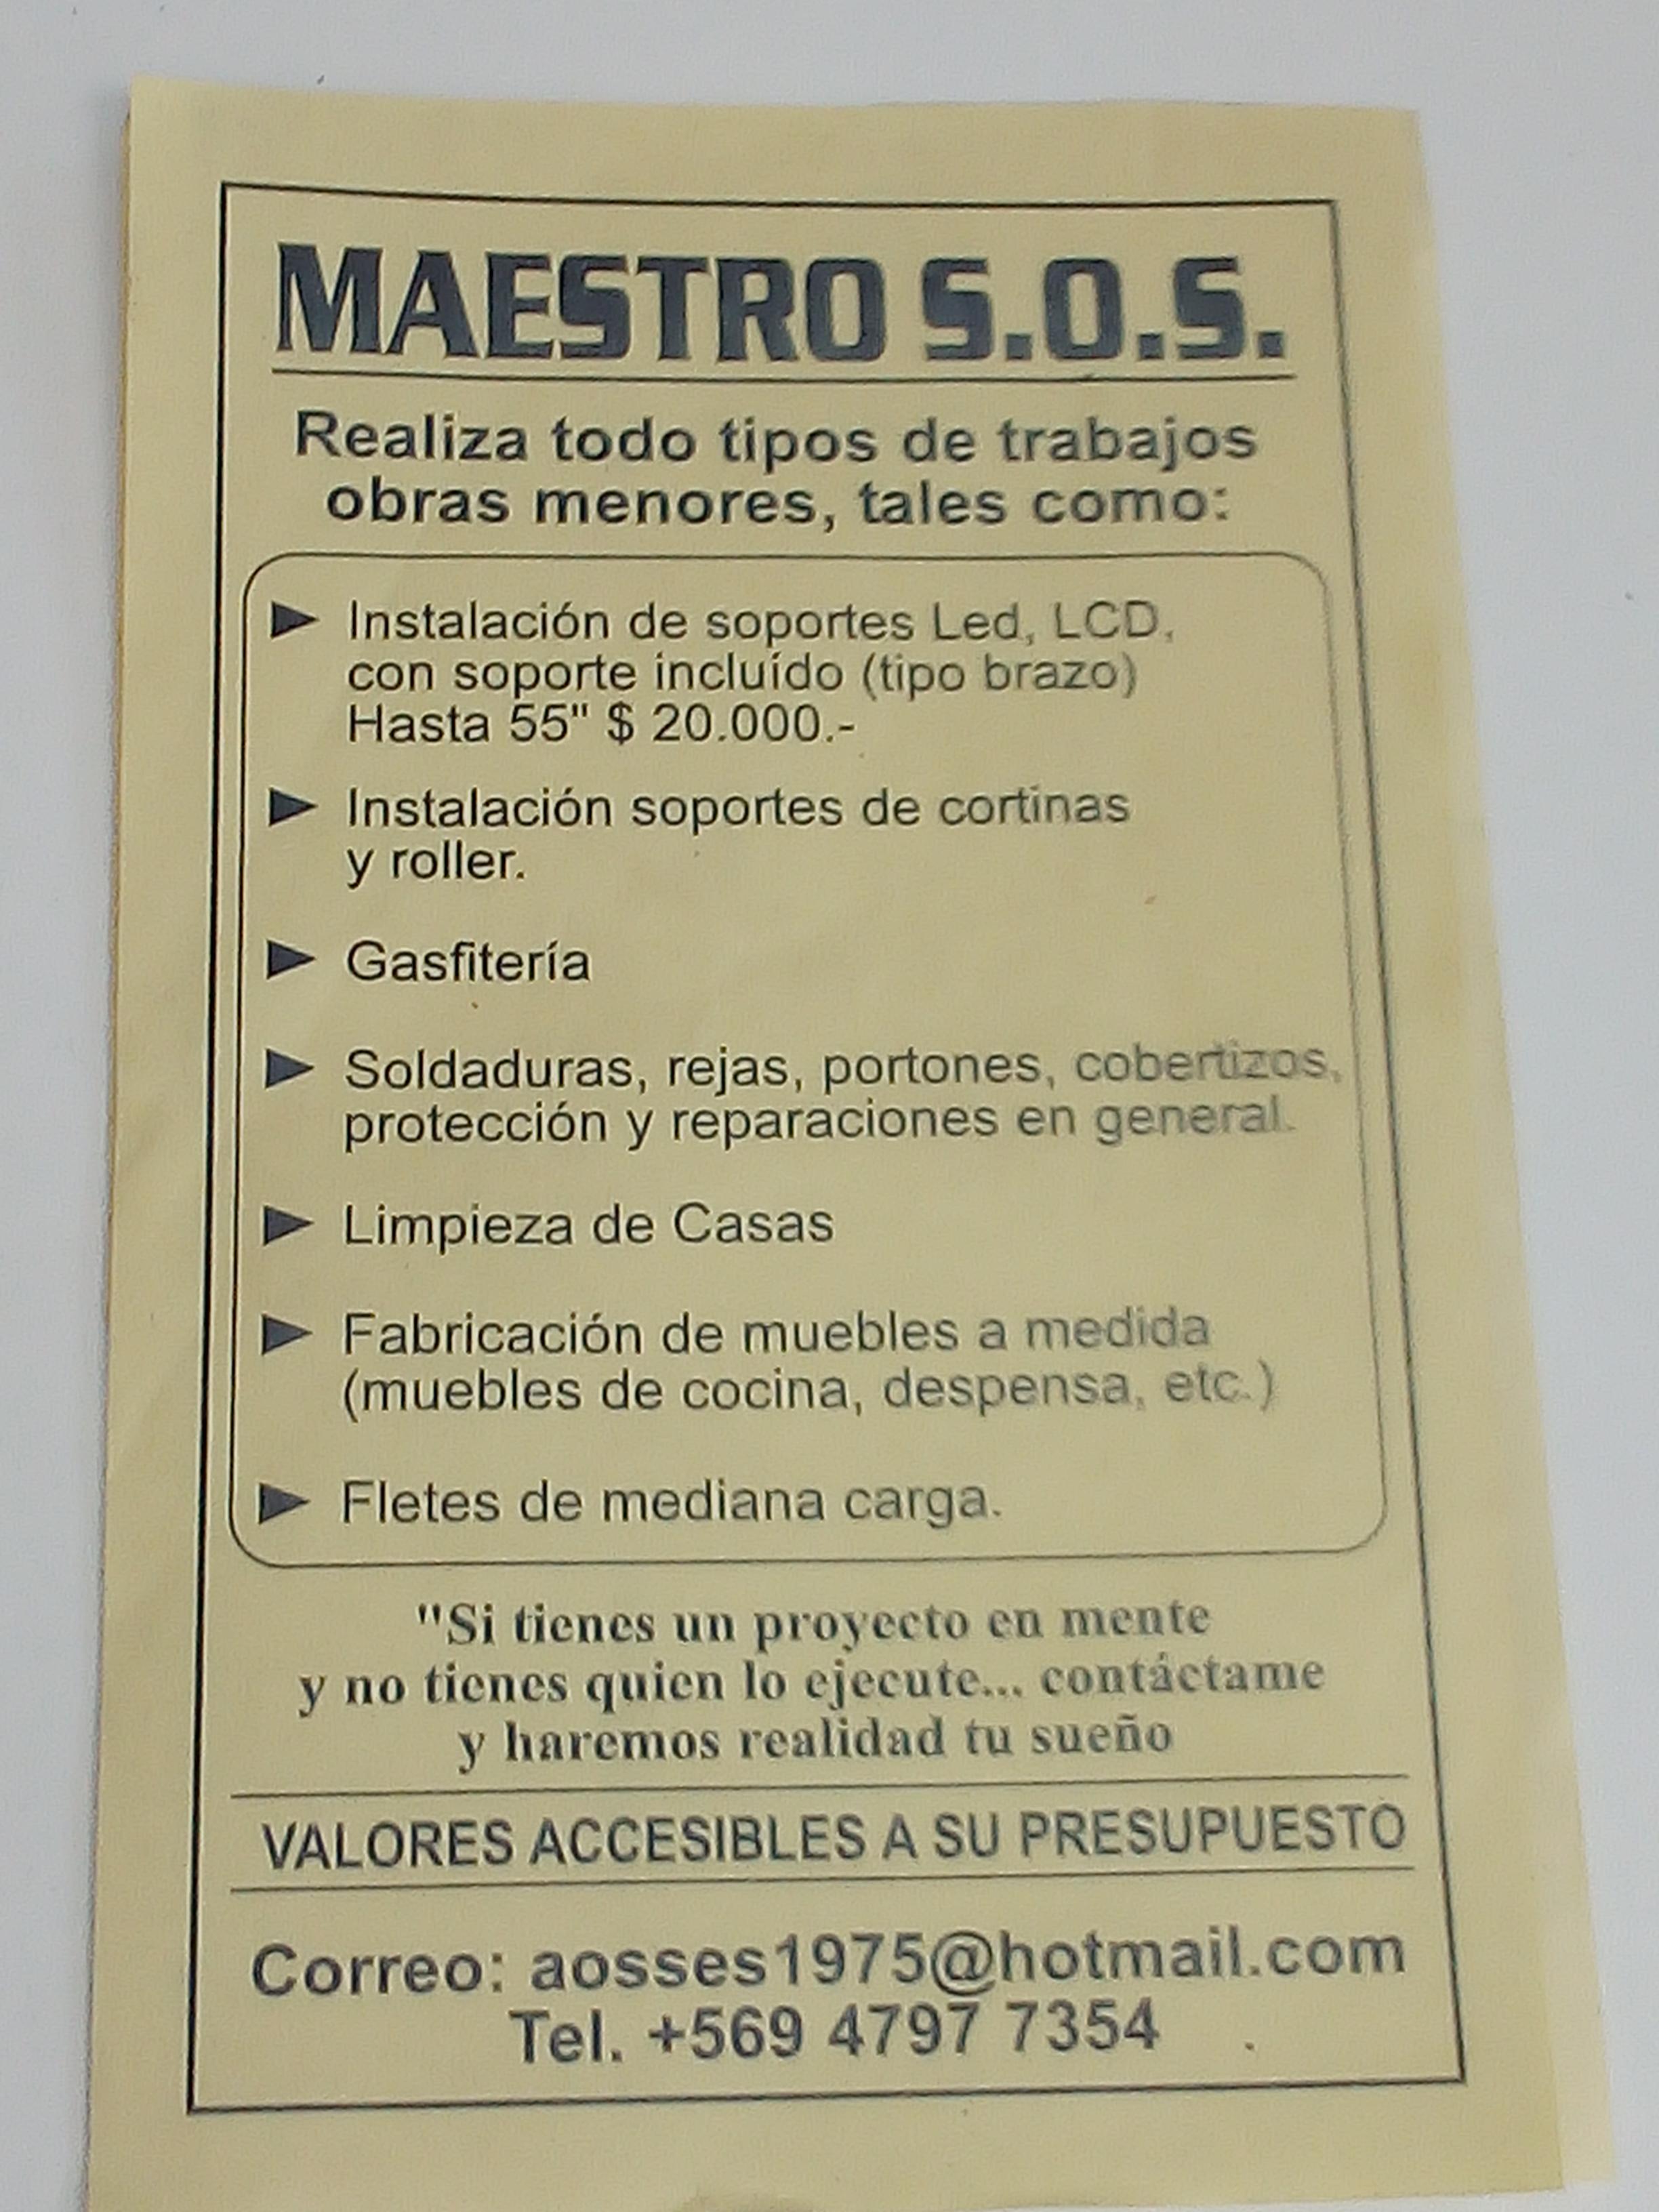 Maestro S.O.S